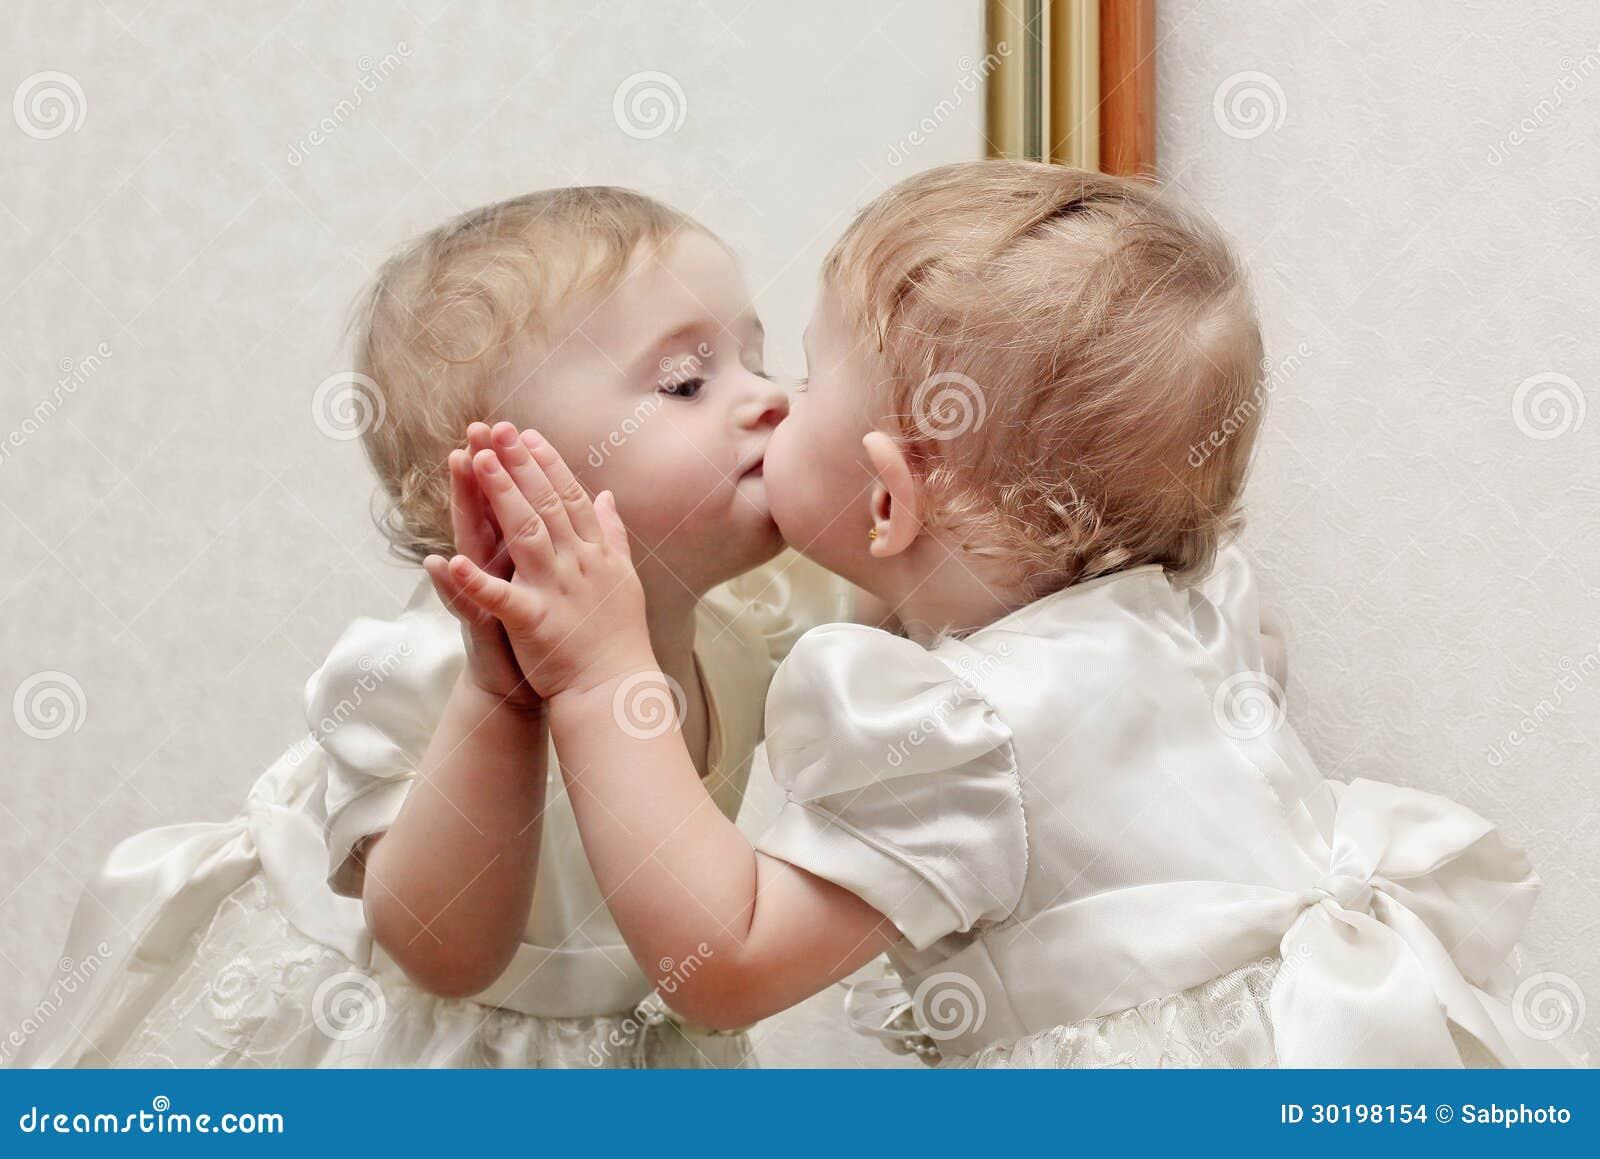 Kussen Voor Baby : Baby kussen wigvorming grijs huilende baby kalmeren motherhood